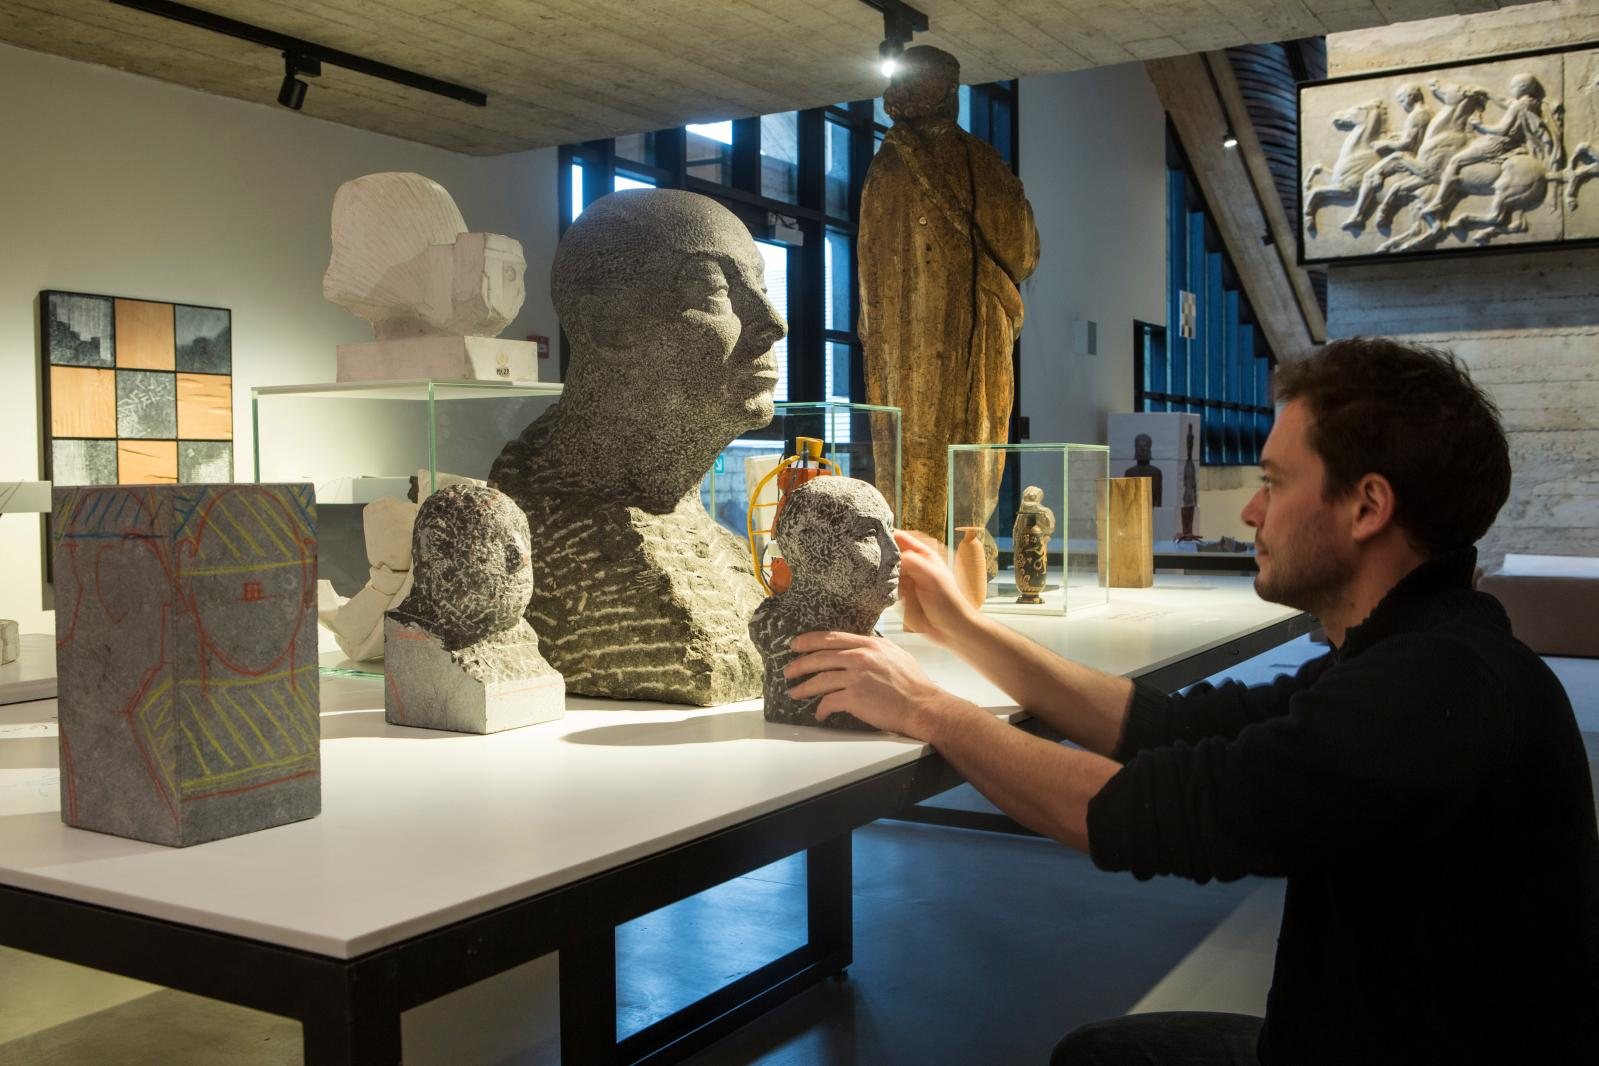 Laboratoire de sculpture, musée de Louvain.